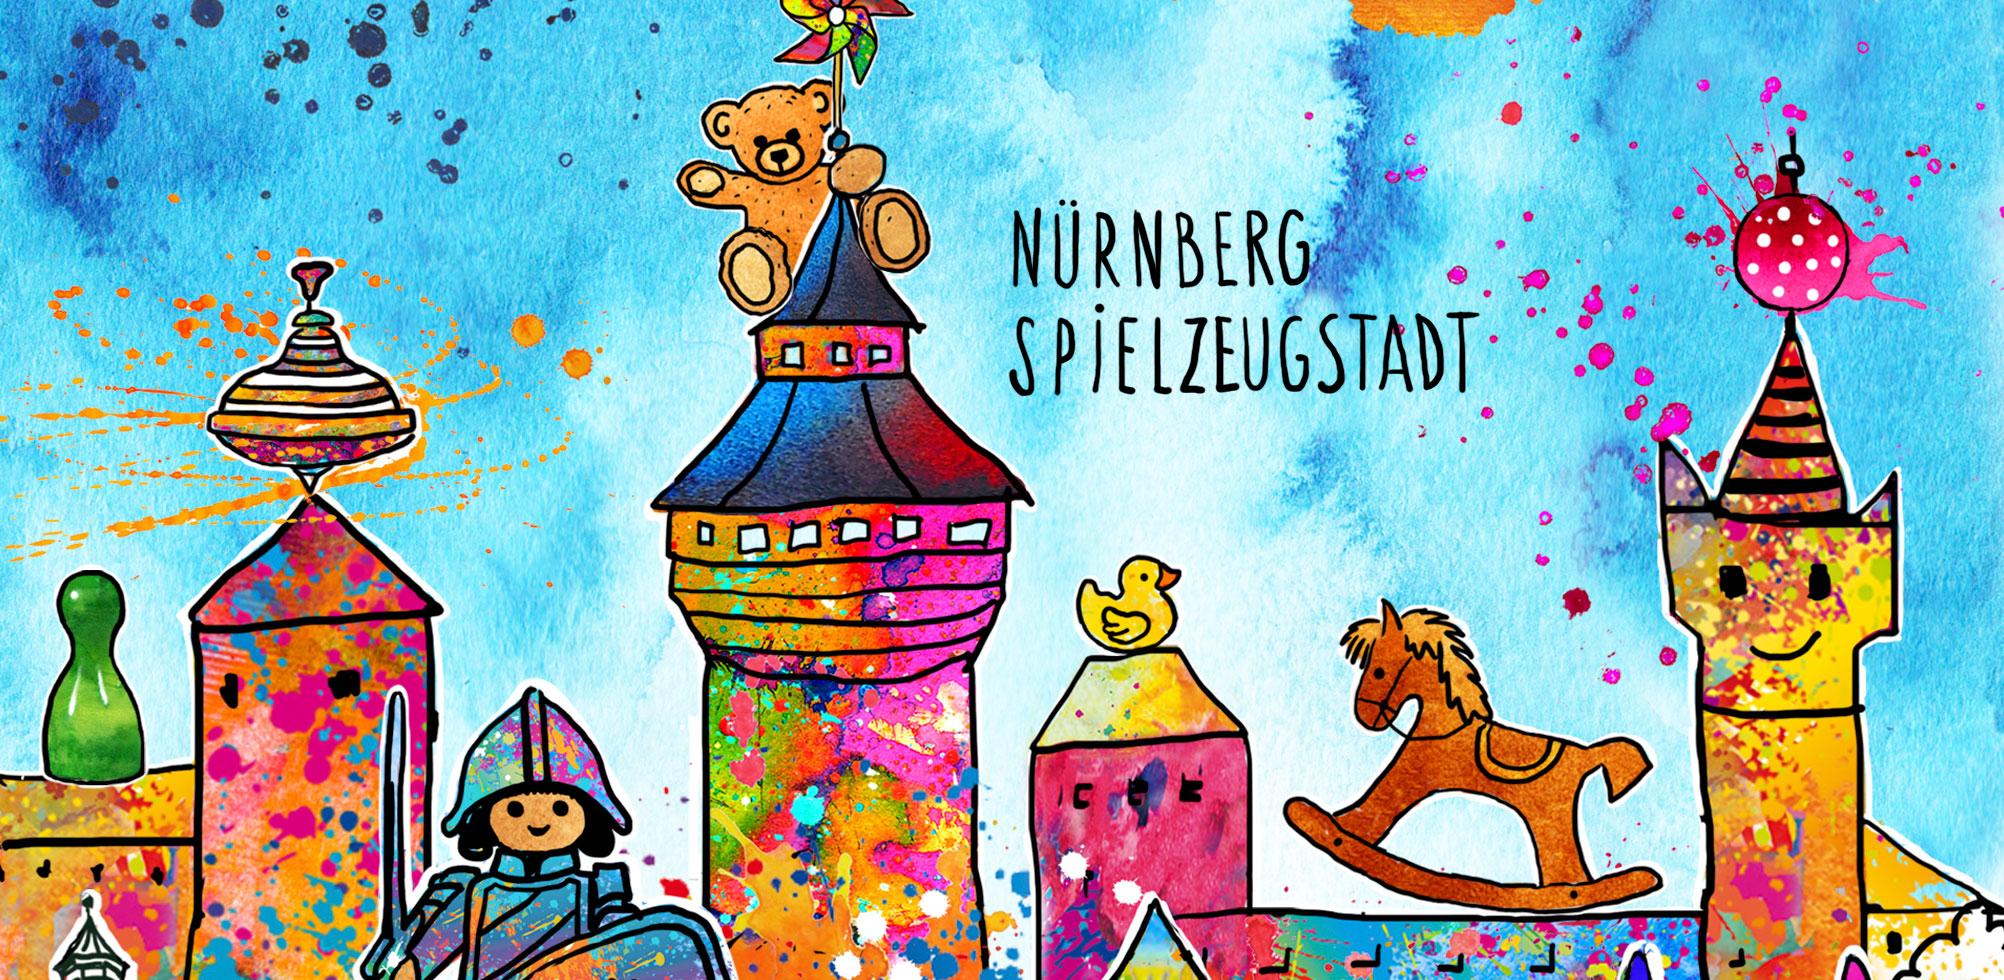 souvenir_nuernberg_spielwarenmesse